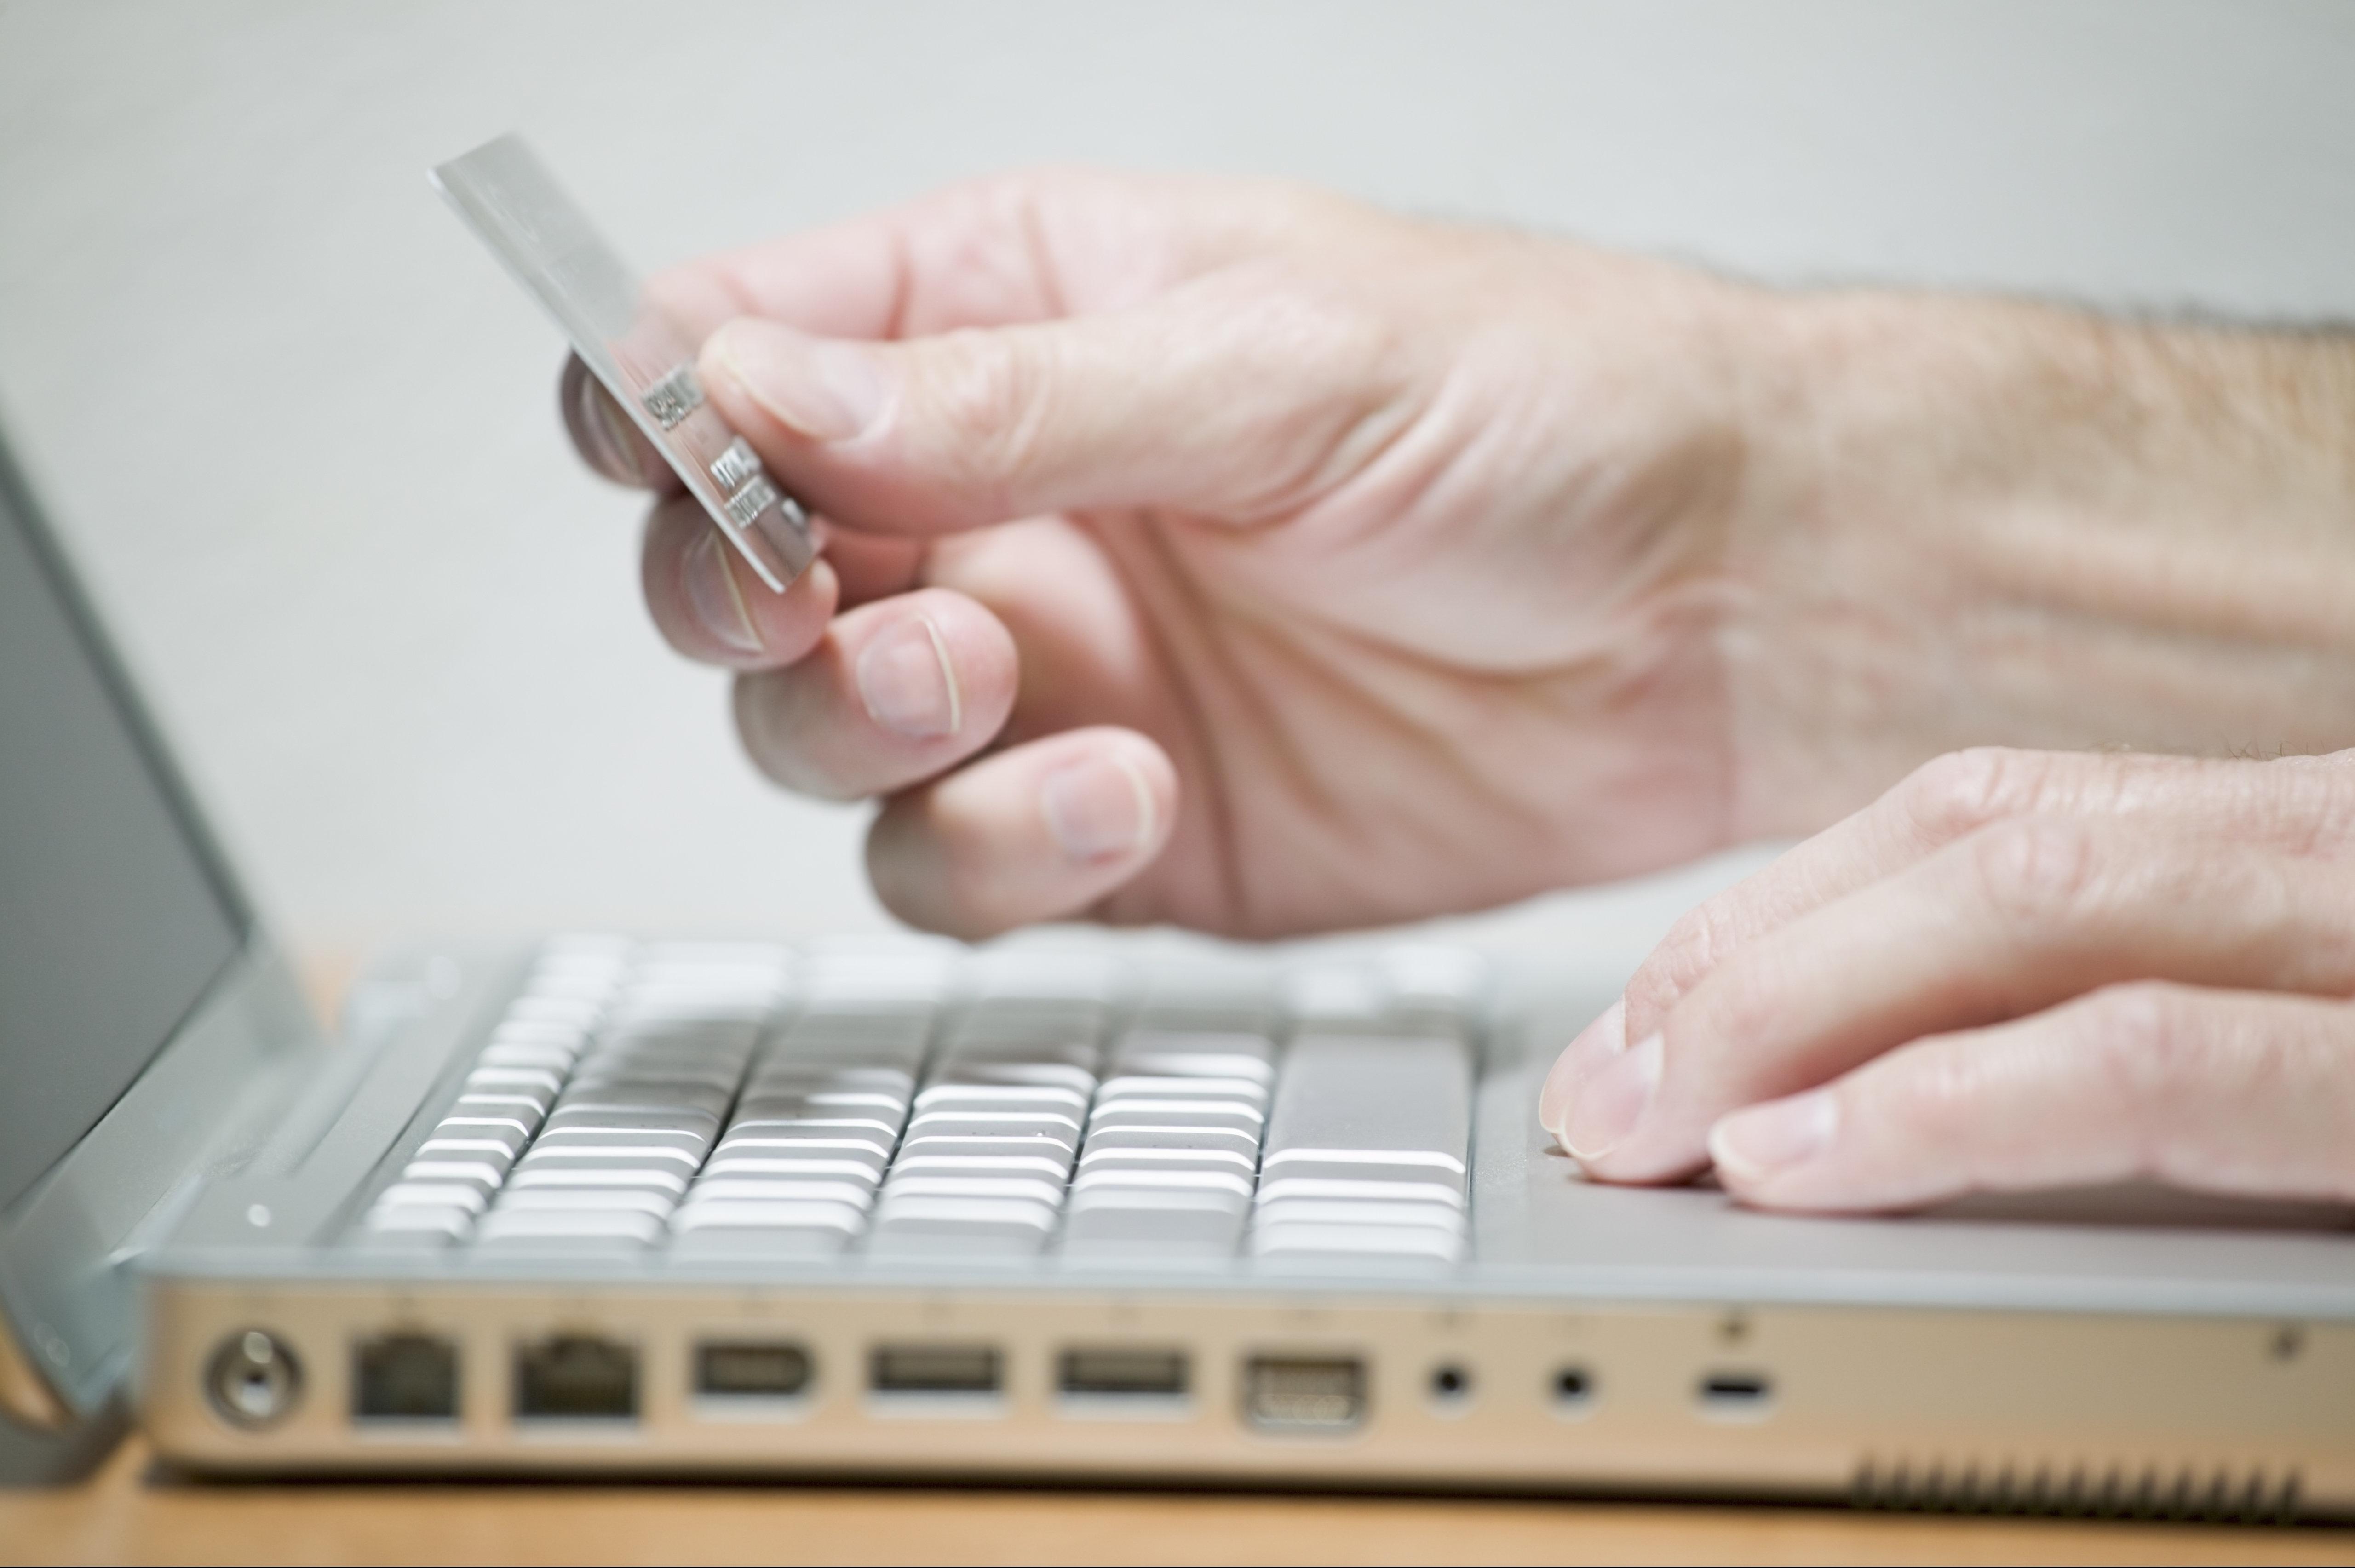 Så nemt kan du aflure fup på udenlandske webshops